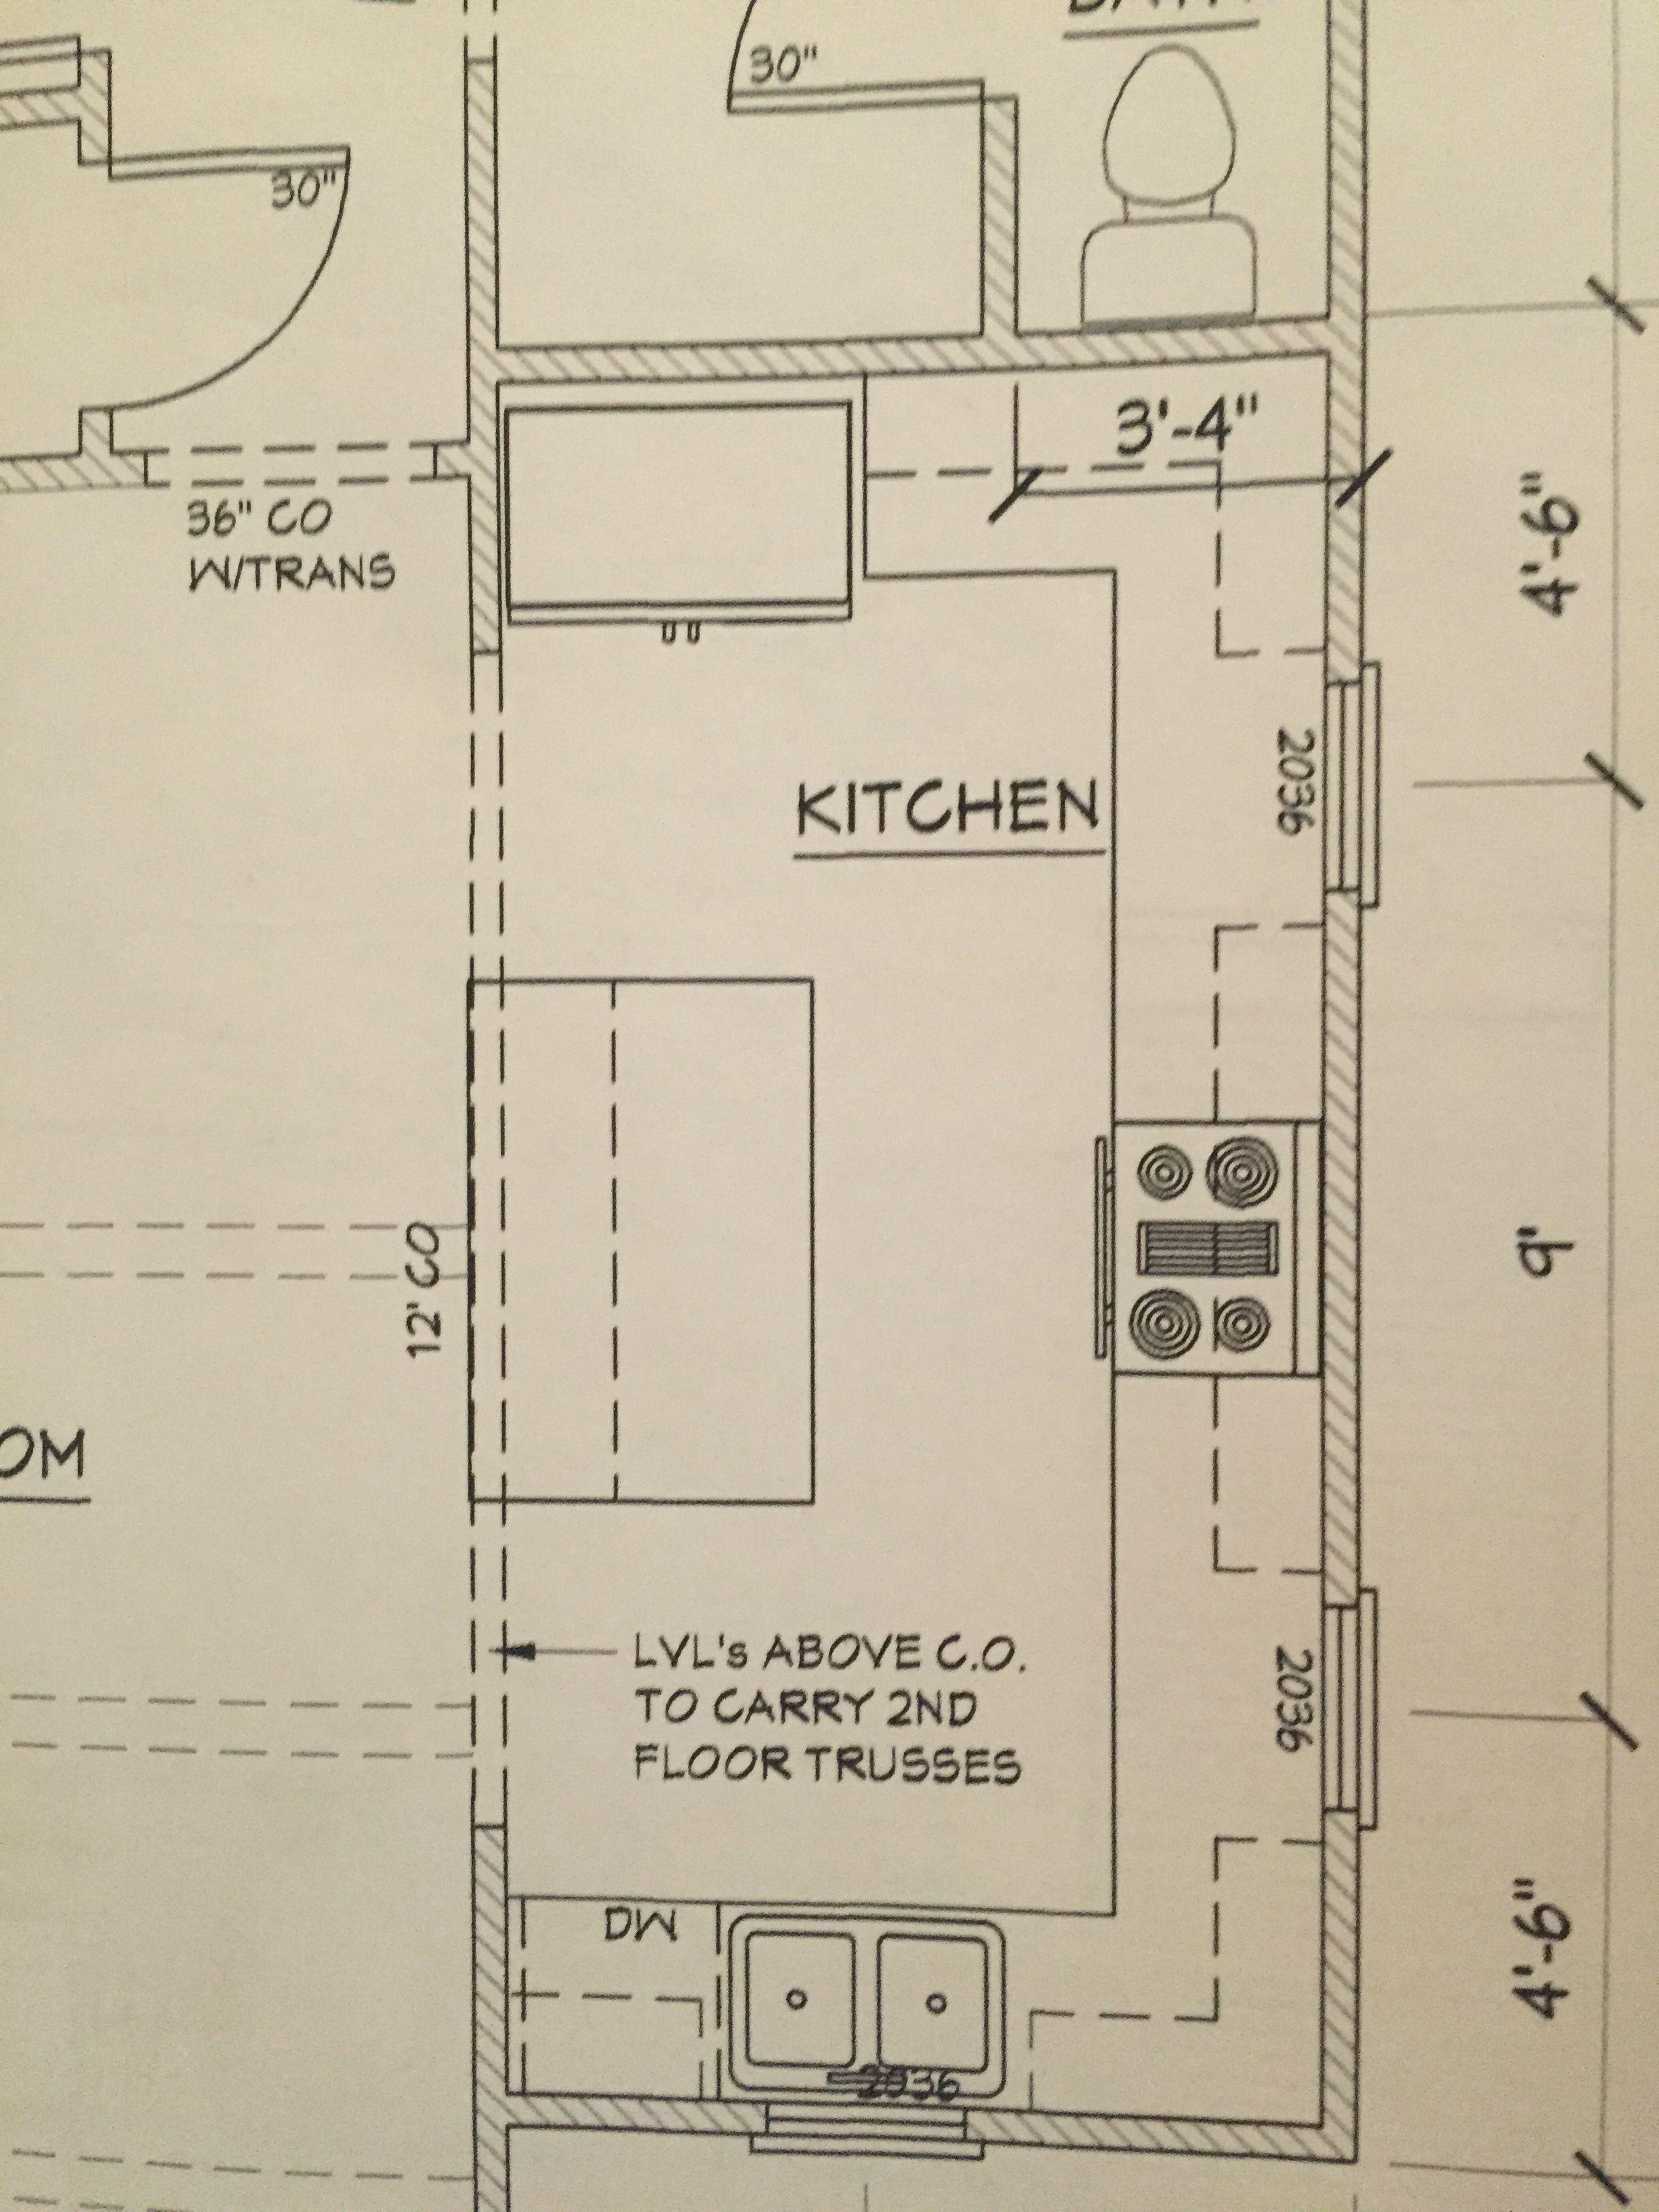 B0d08b17417ee652a088e9d65902aa20 Jpg 2448 3264 Small House Plans Maine House Cottage Plan